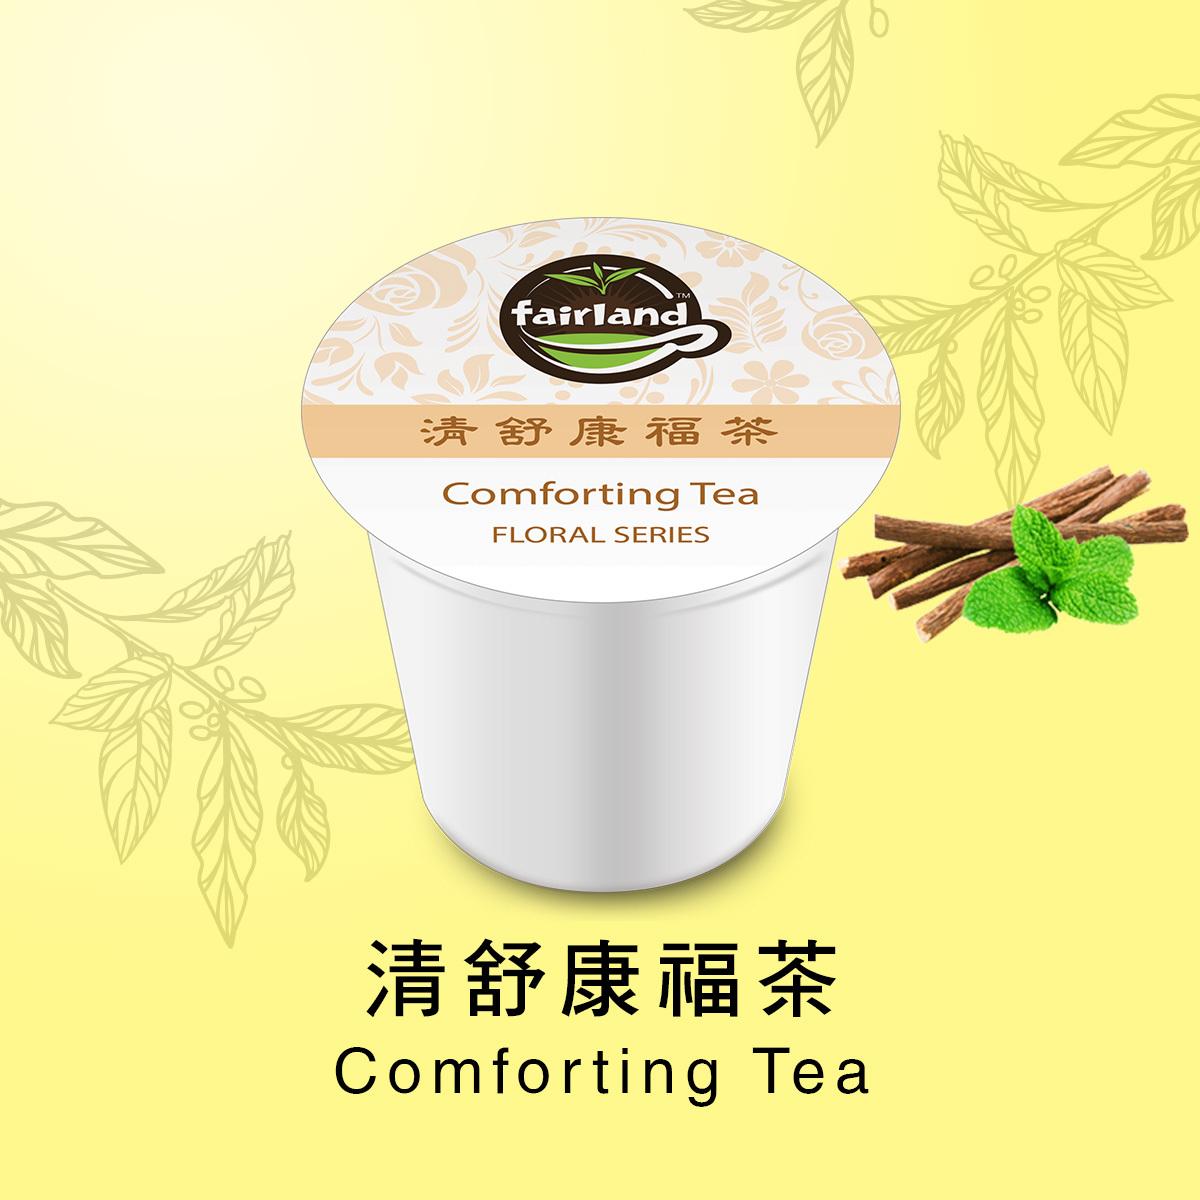 斐然莊園-清舒康福茶 Comforting Tea.jpg